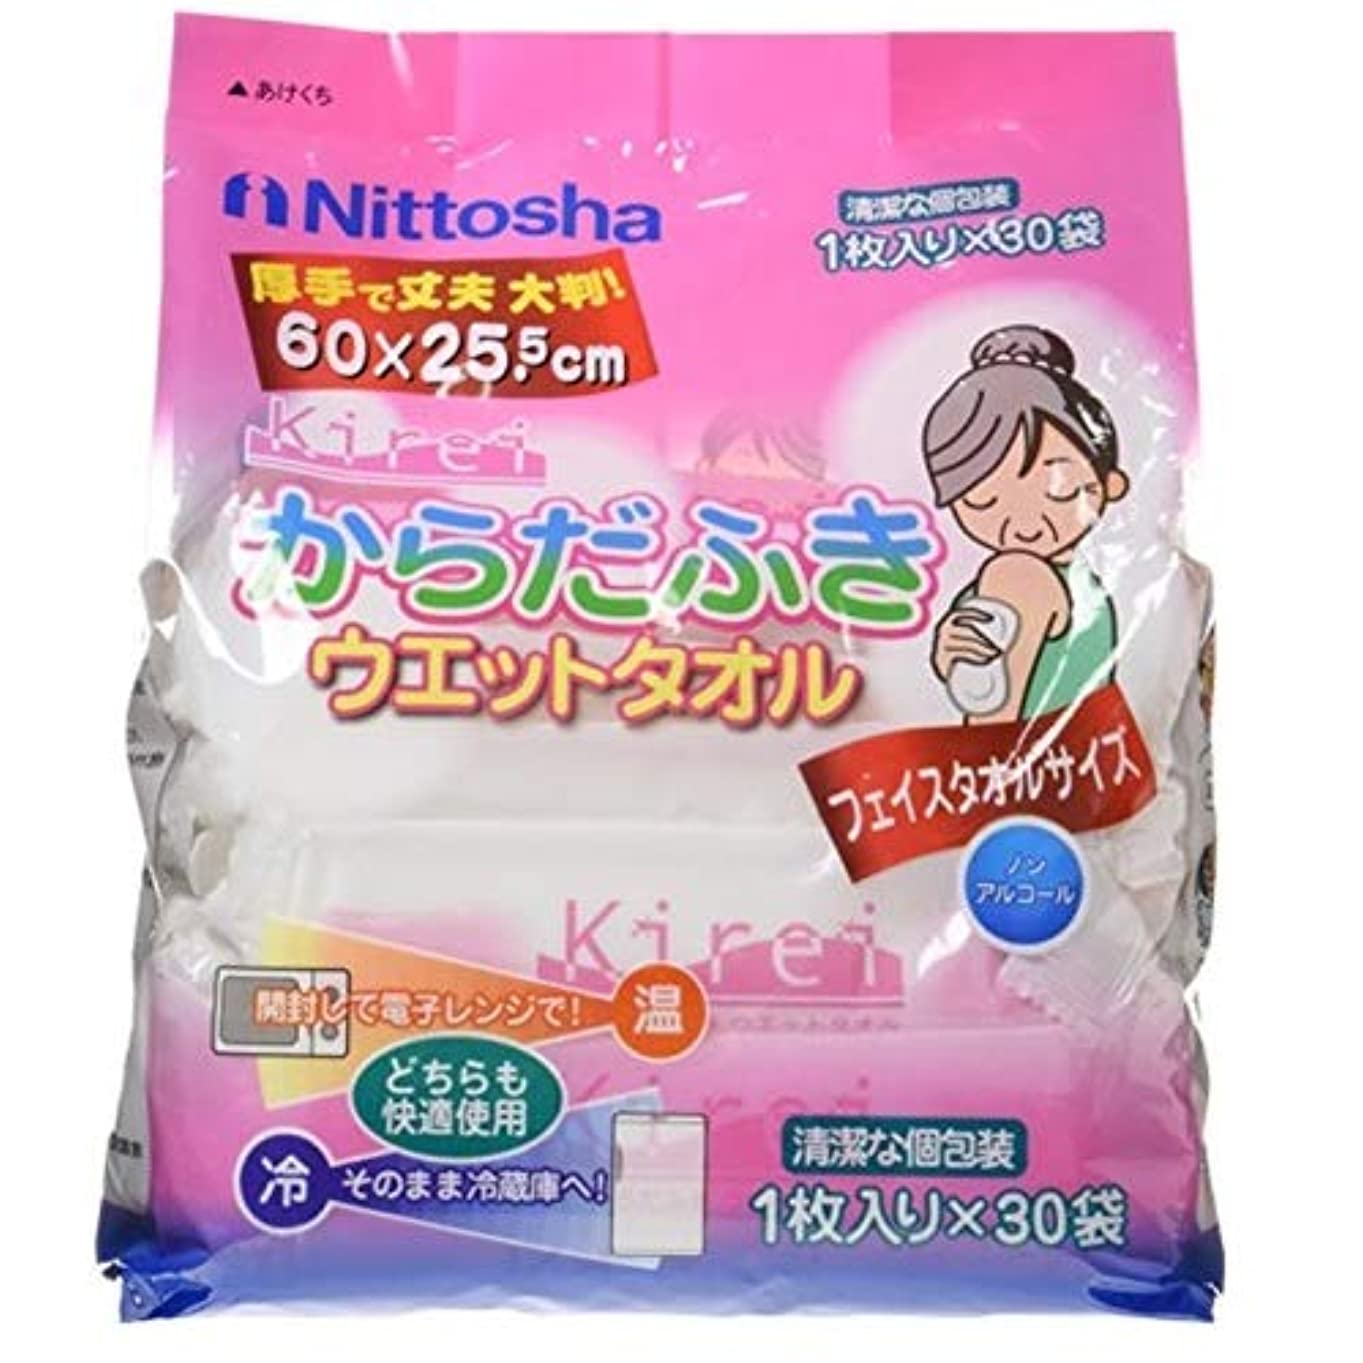 下向きウナギアノイ【ケース販売】 Kirei からだふき ウエットタオル フェイスタオルサイズ 個装1枚×30袋入 10個セット